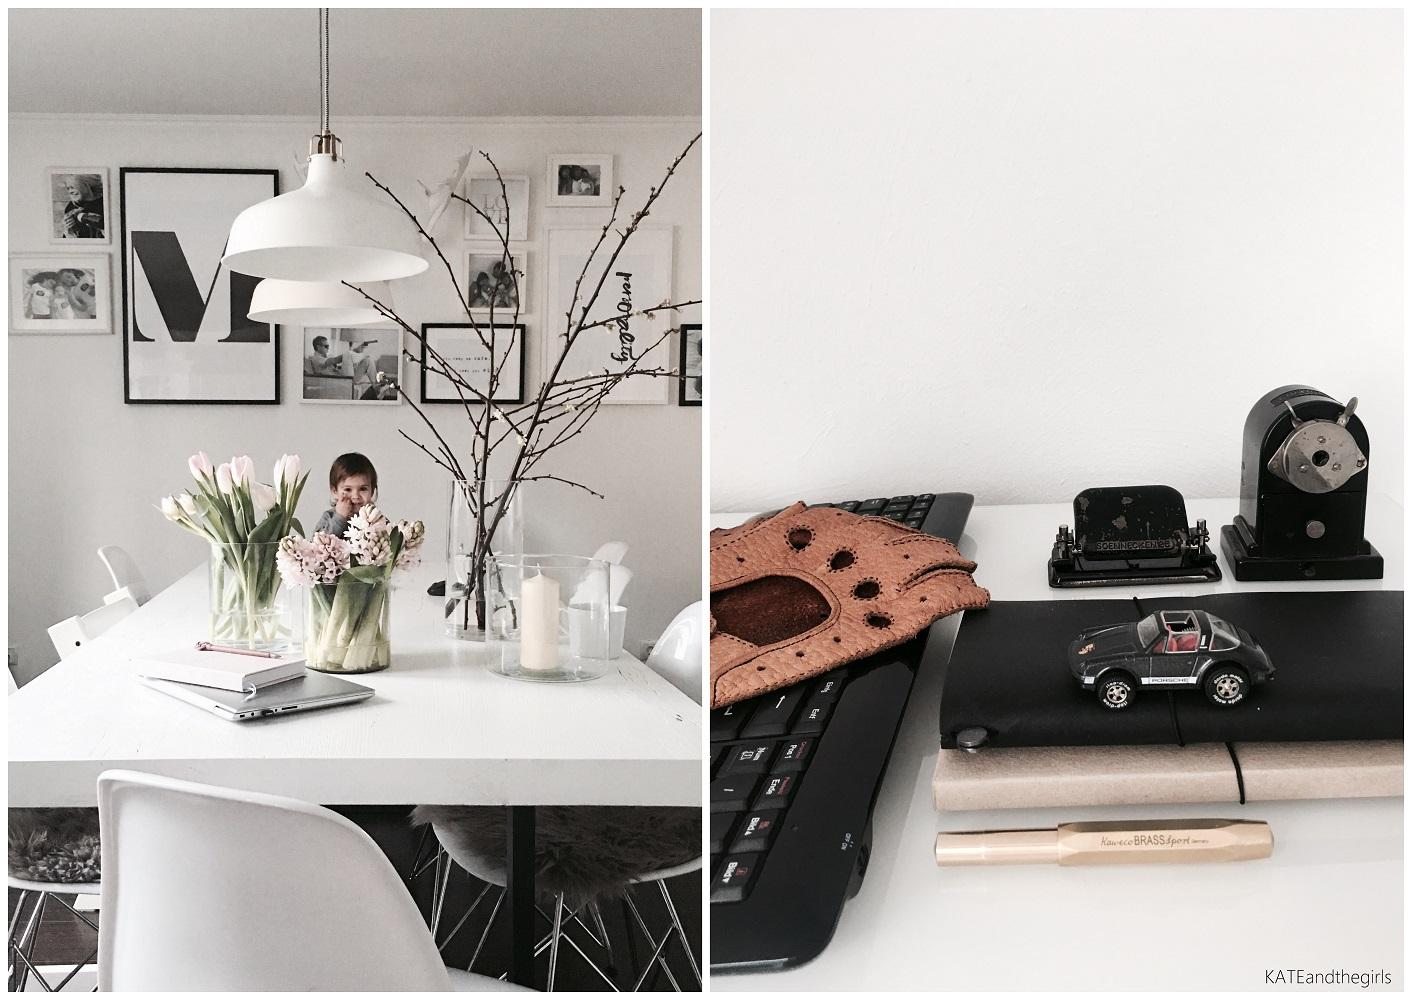 kateandthegirls: Zuhause vs. unterwegs und leckeres Brot mit Cranberries